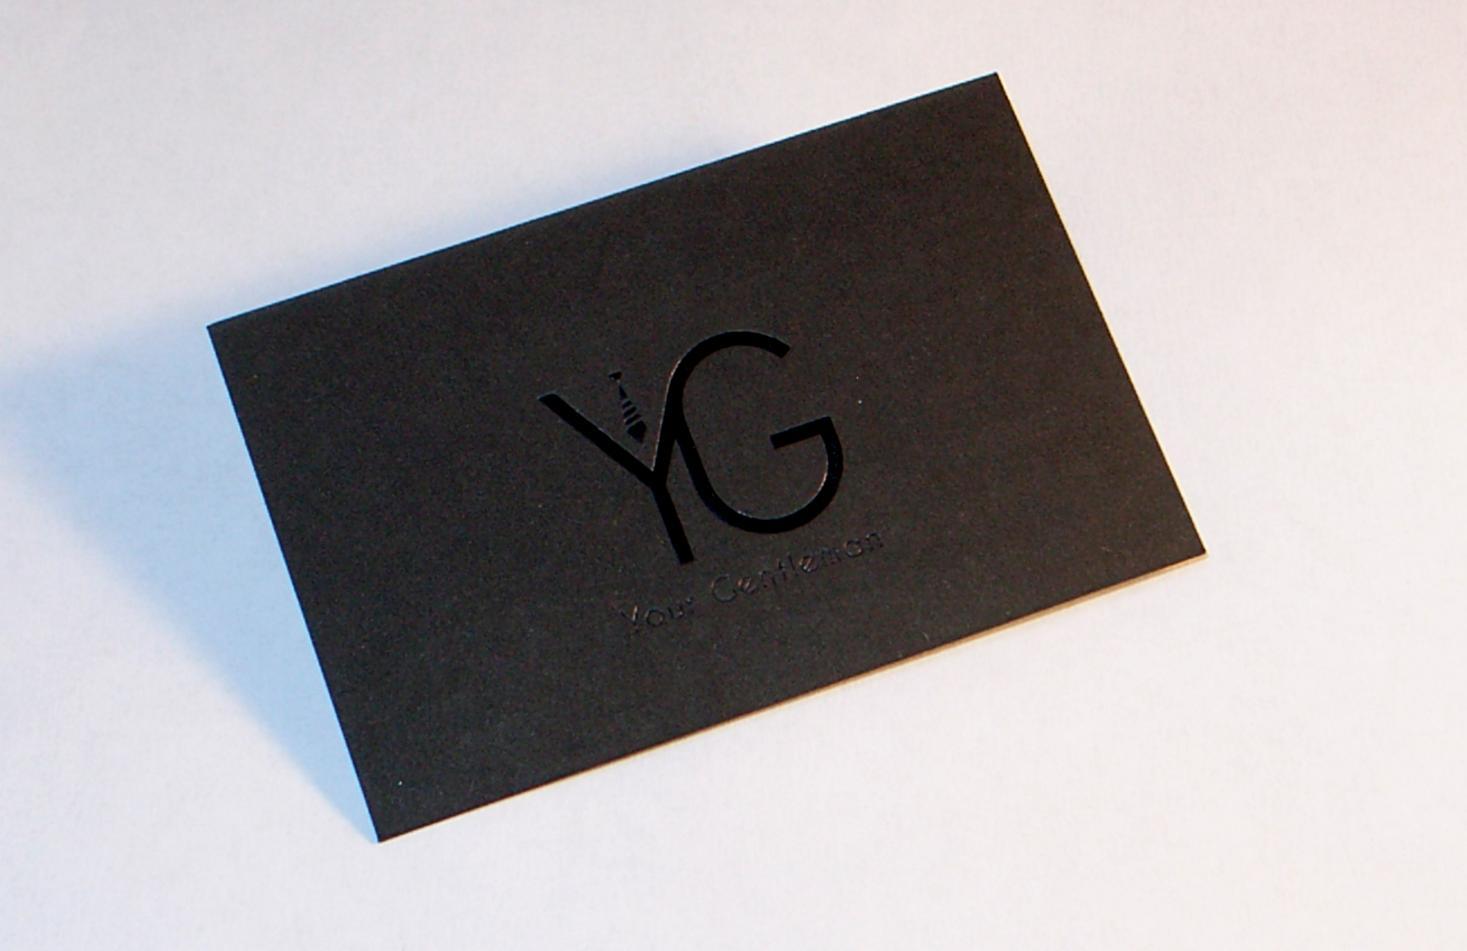 biglietto da visita stampato nero su nero a caldo